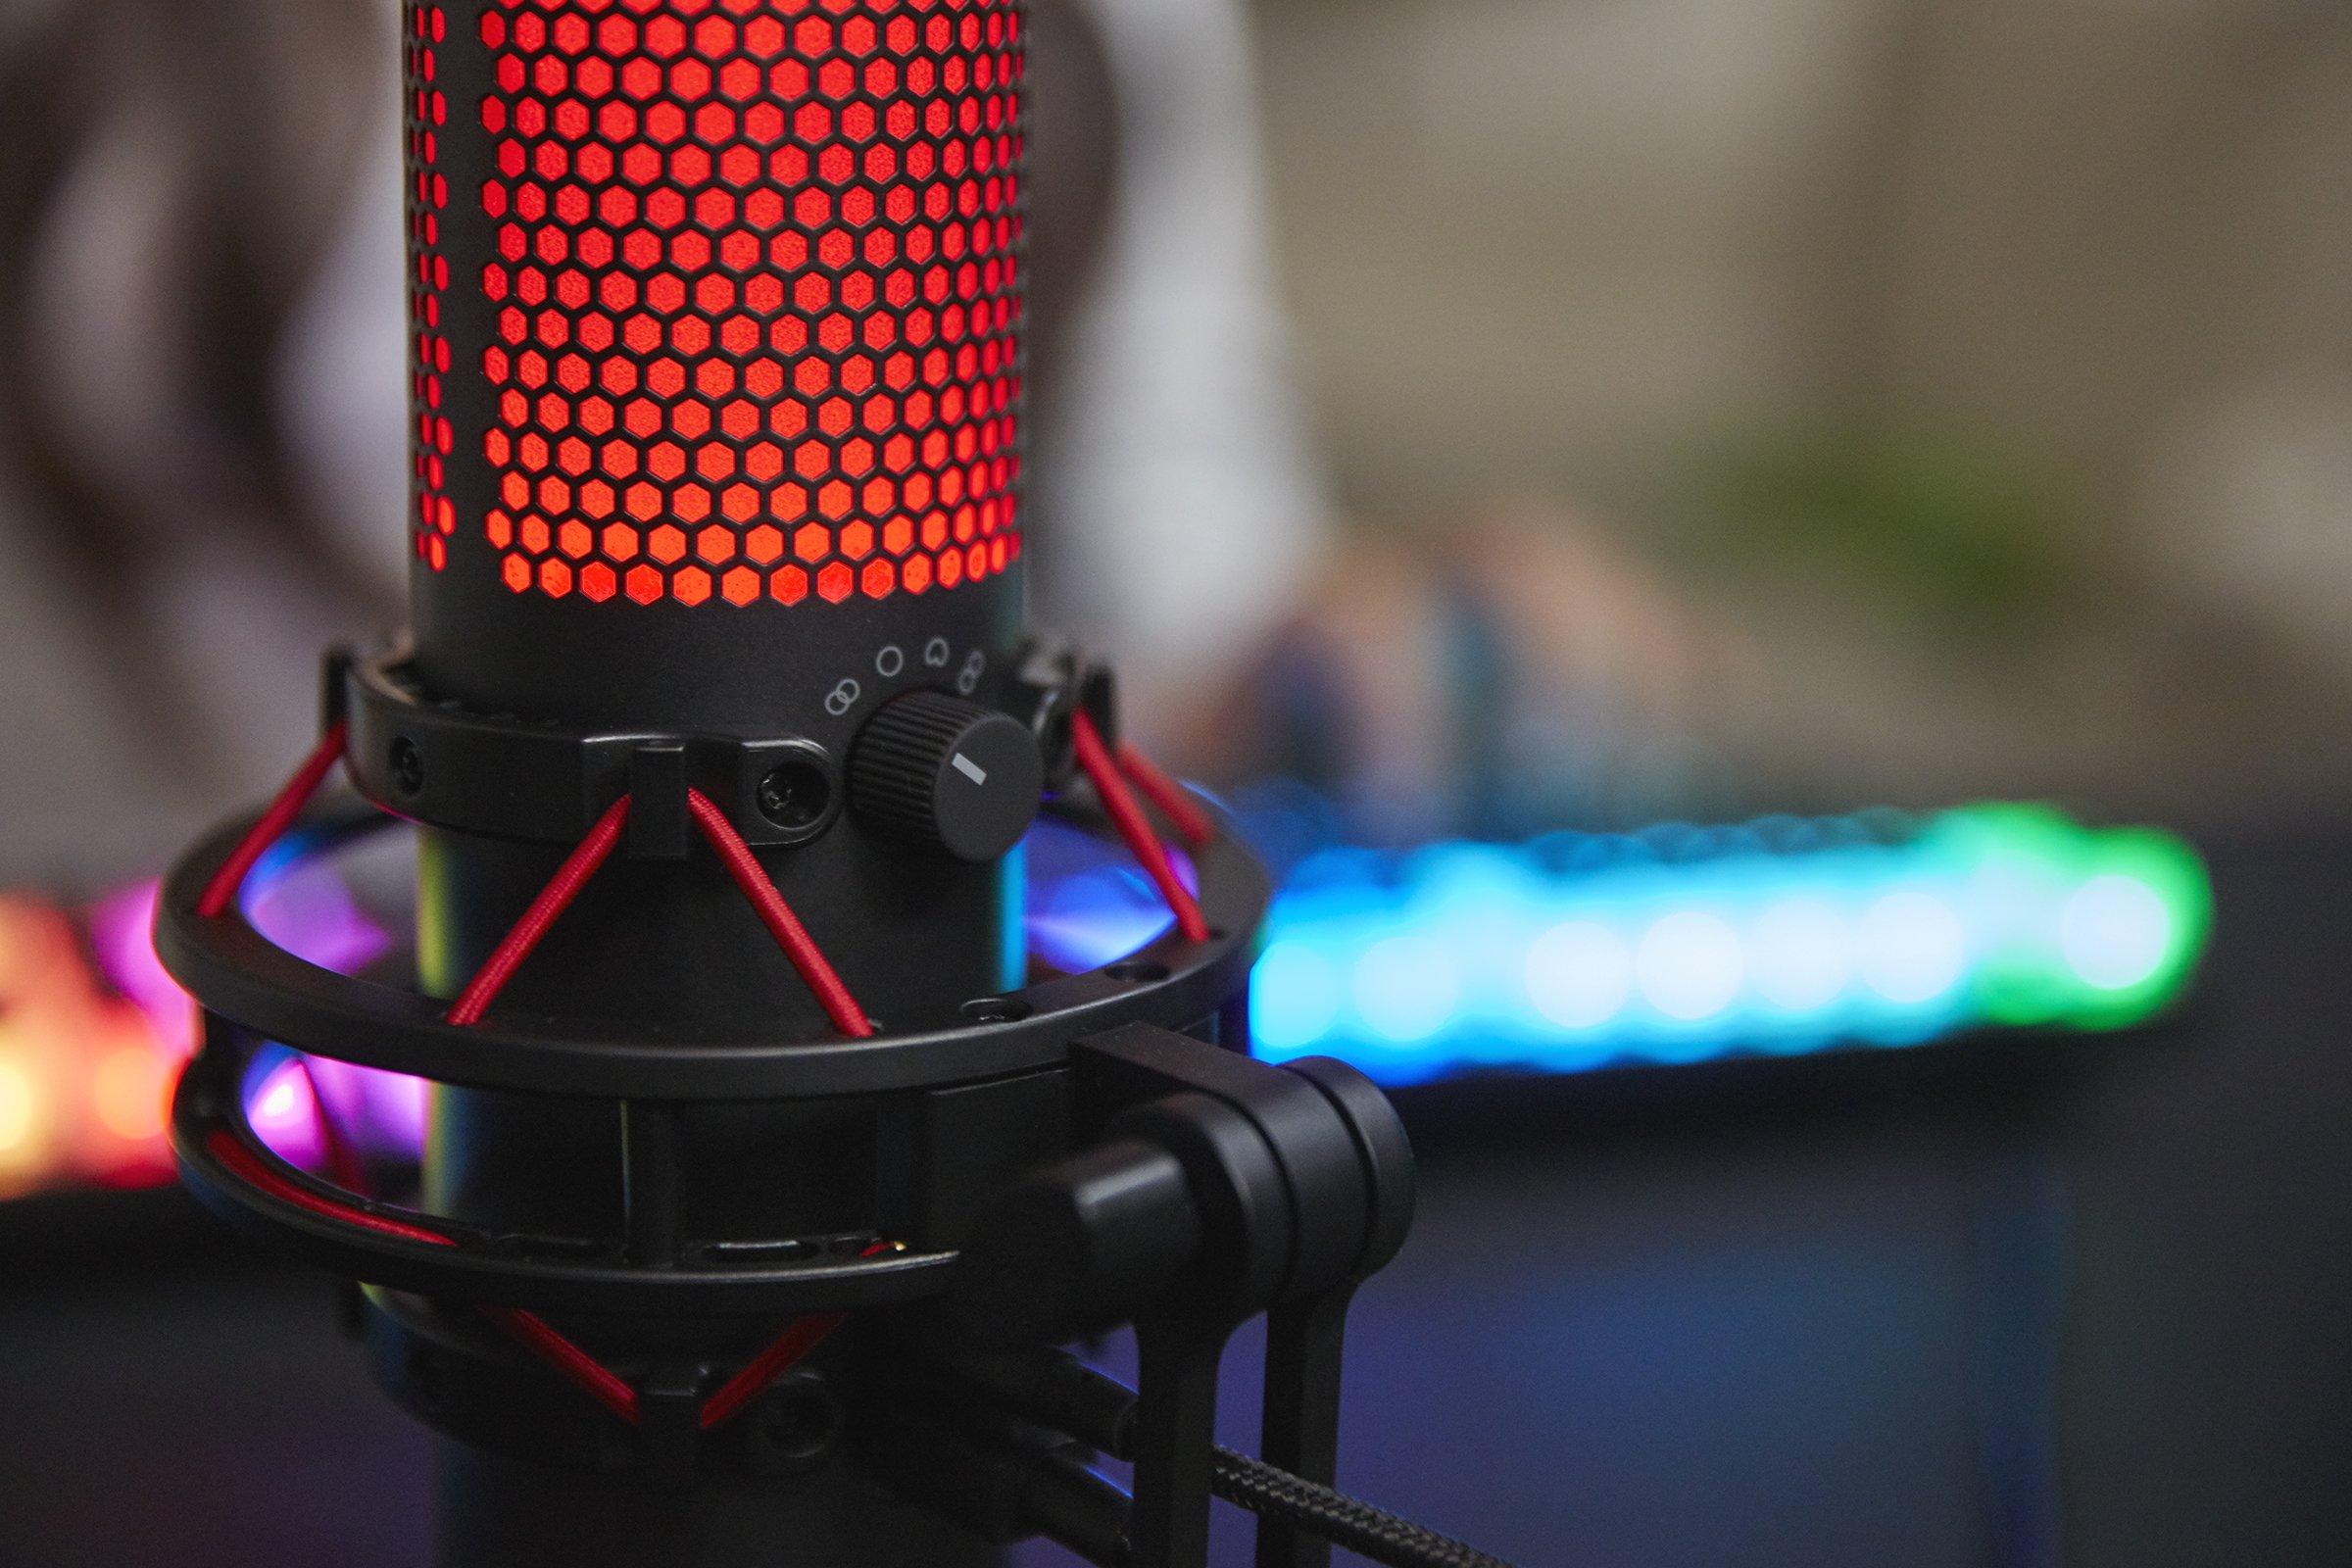 HyperX QuadCast trafił do polskich sklepów. To nowy mikrofon gamingowy dla streamerów i komentatorów 22